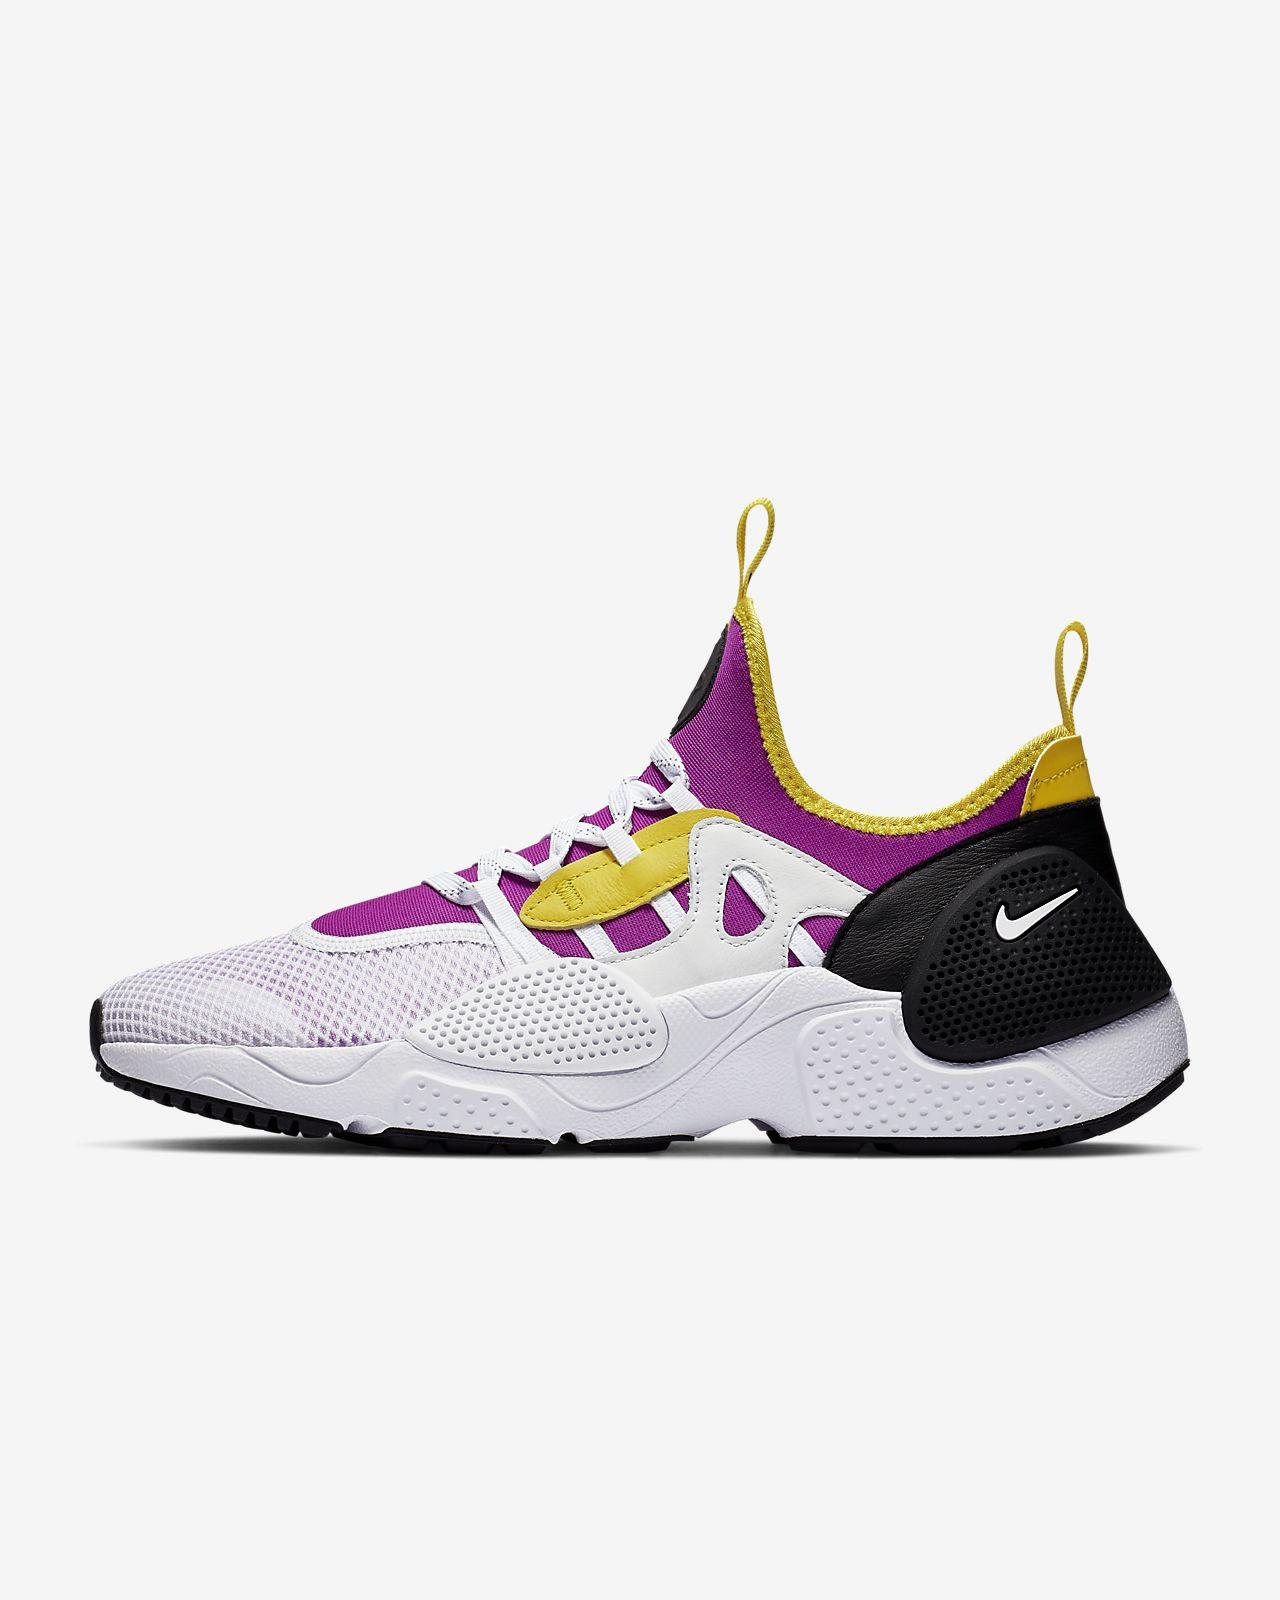 รองเท้าผู้ชาย Nike Huarache EDGE TXT QS